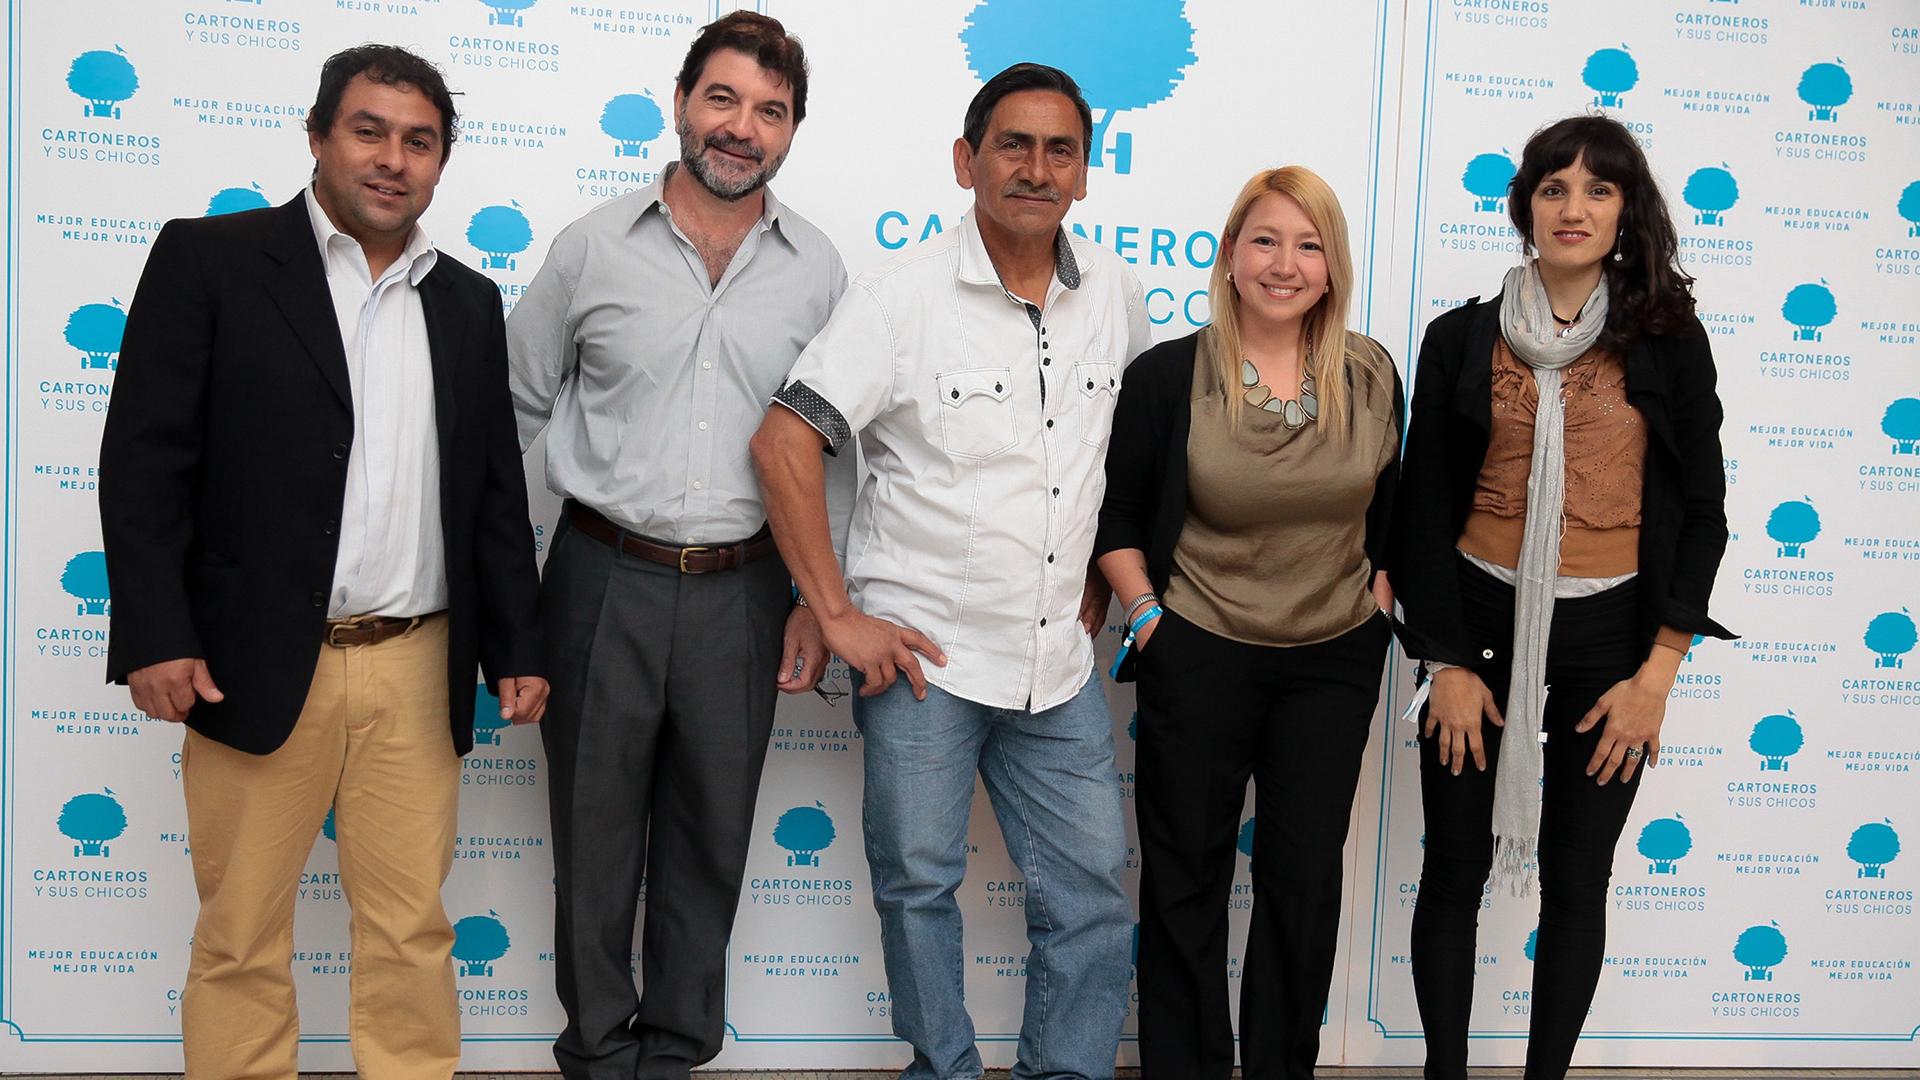 El fundador de la cooperativa Las Madreselvas Carlos Mancilla (centro) rodeado por el equipo de la escuela de Cartoneros